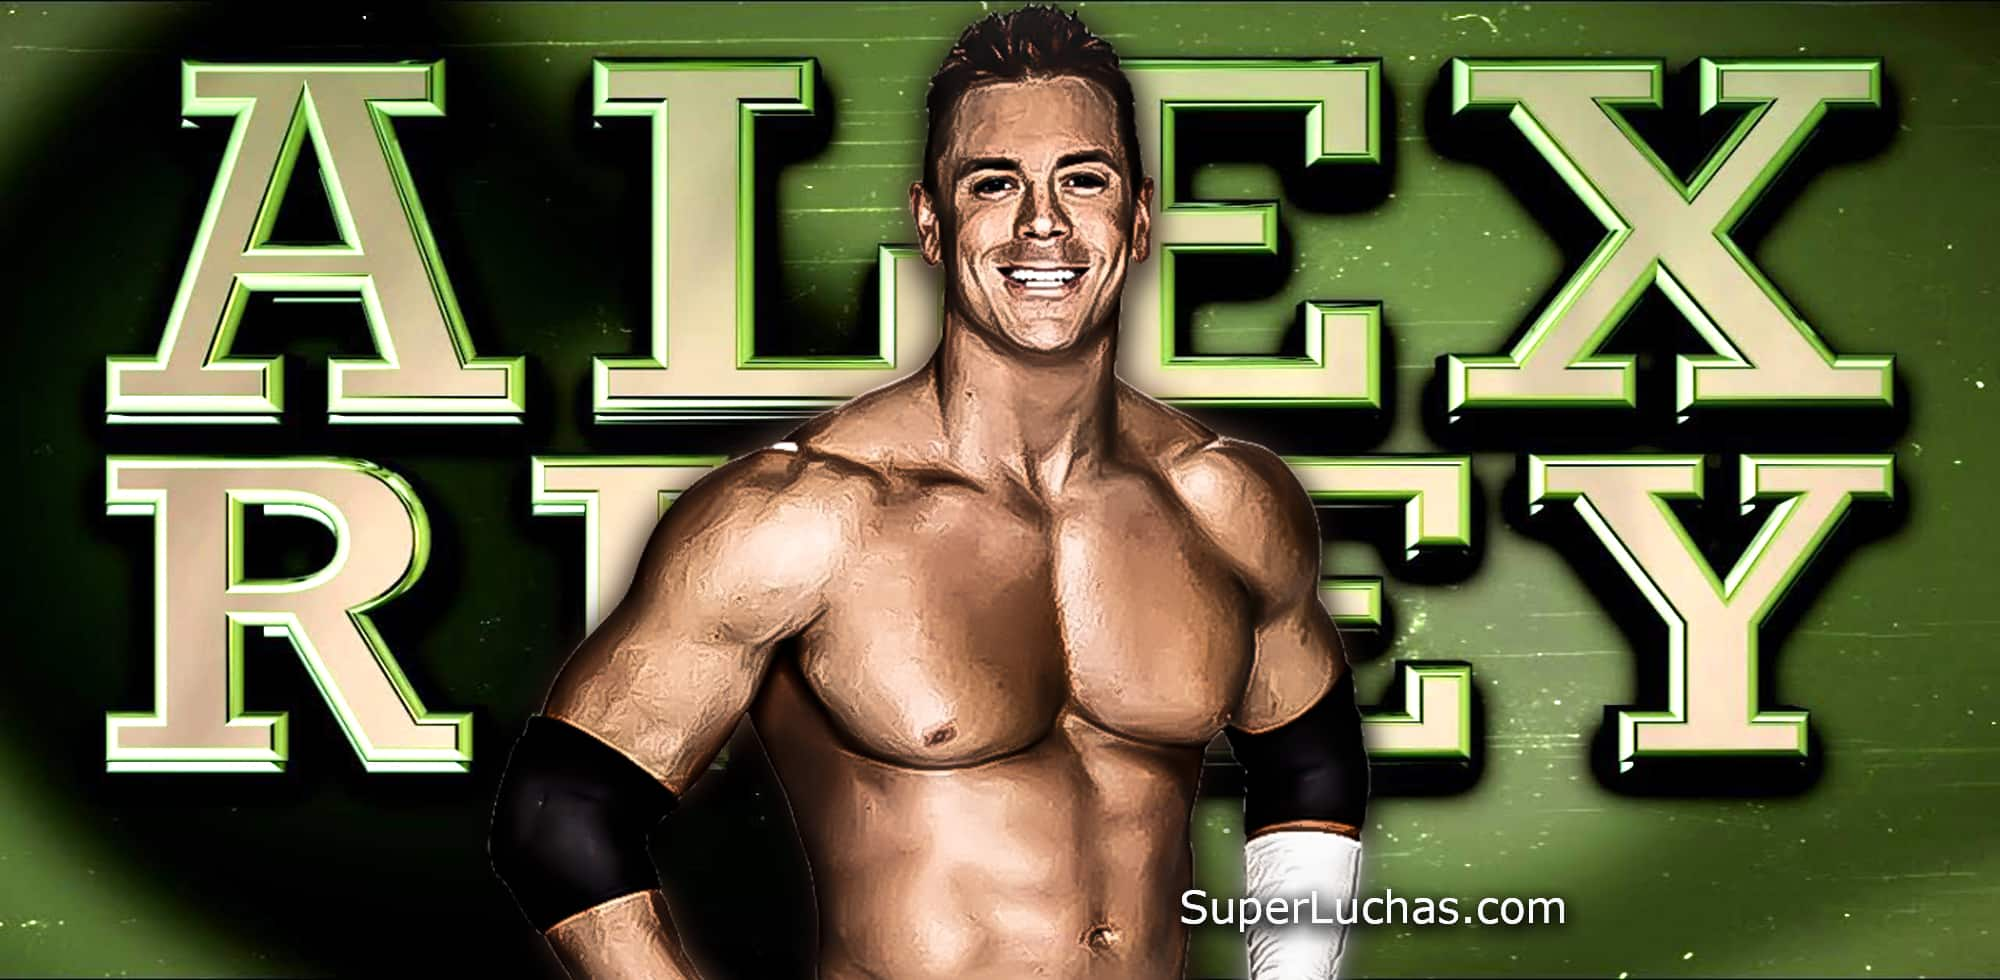 Alex Riley / WWE© / SuperLuchas.com / SÚPER LUCHAS